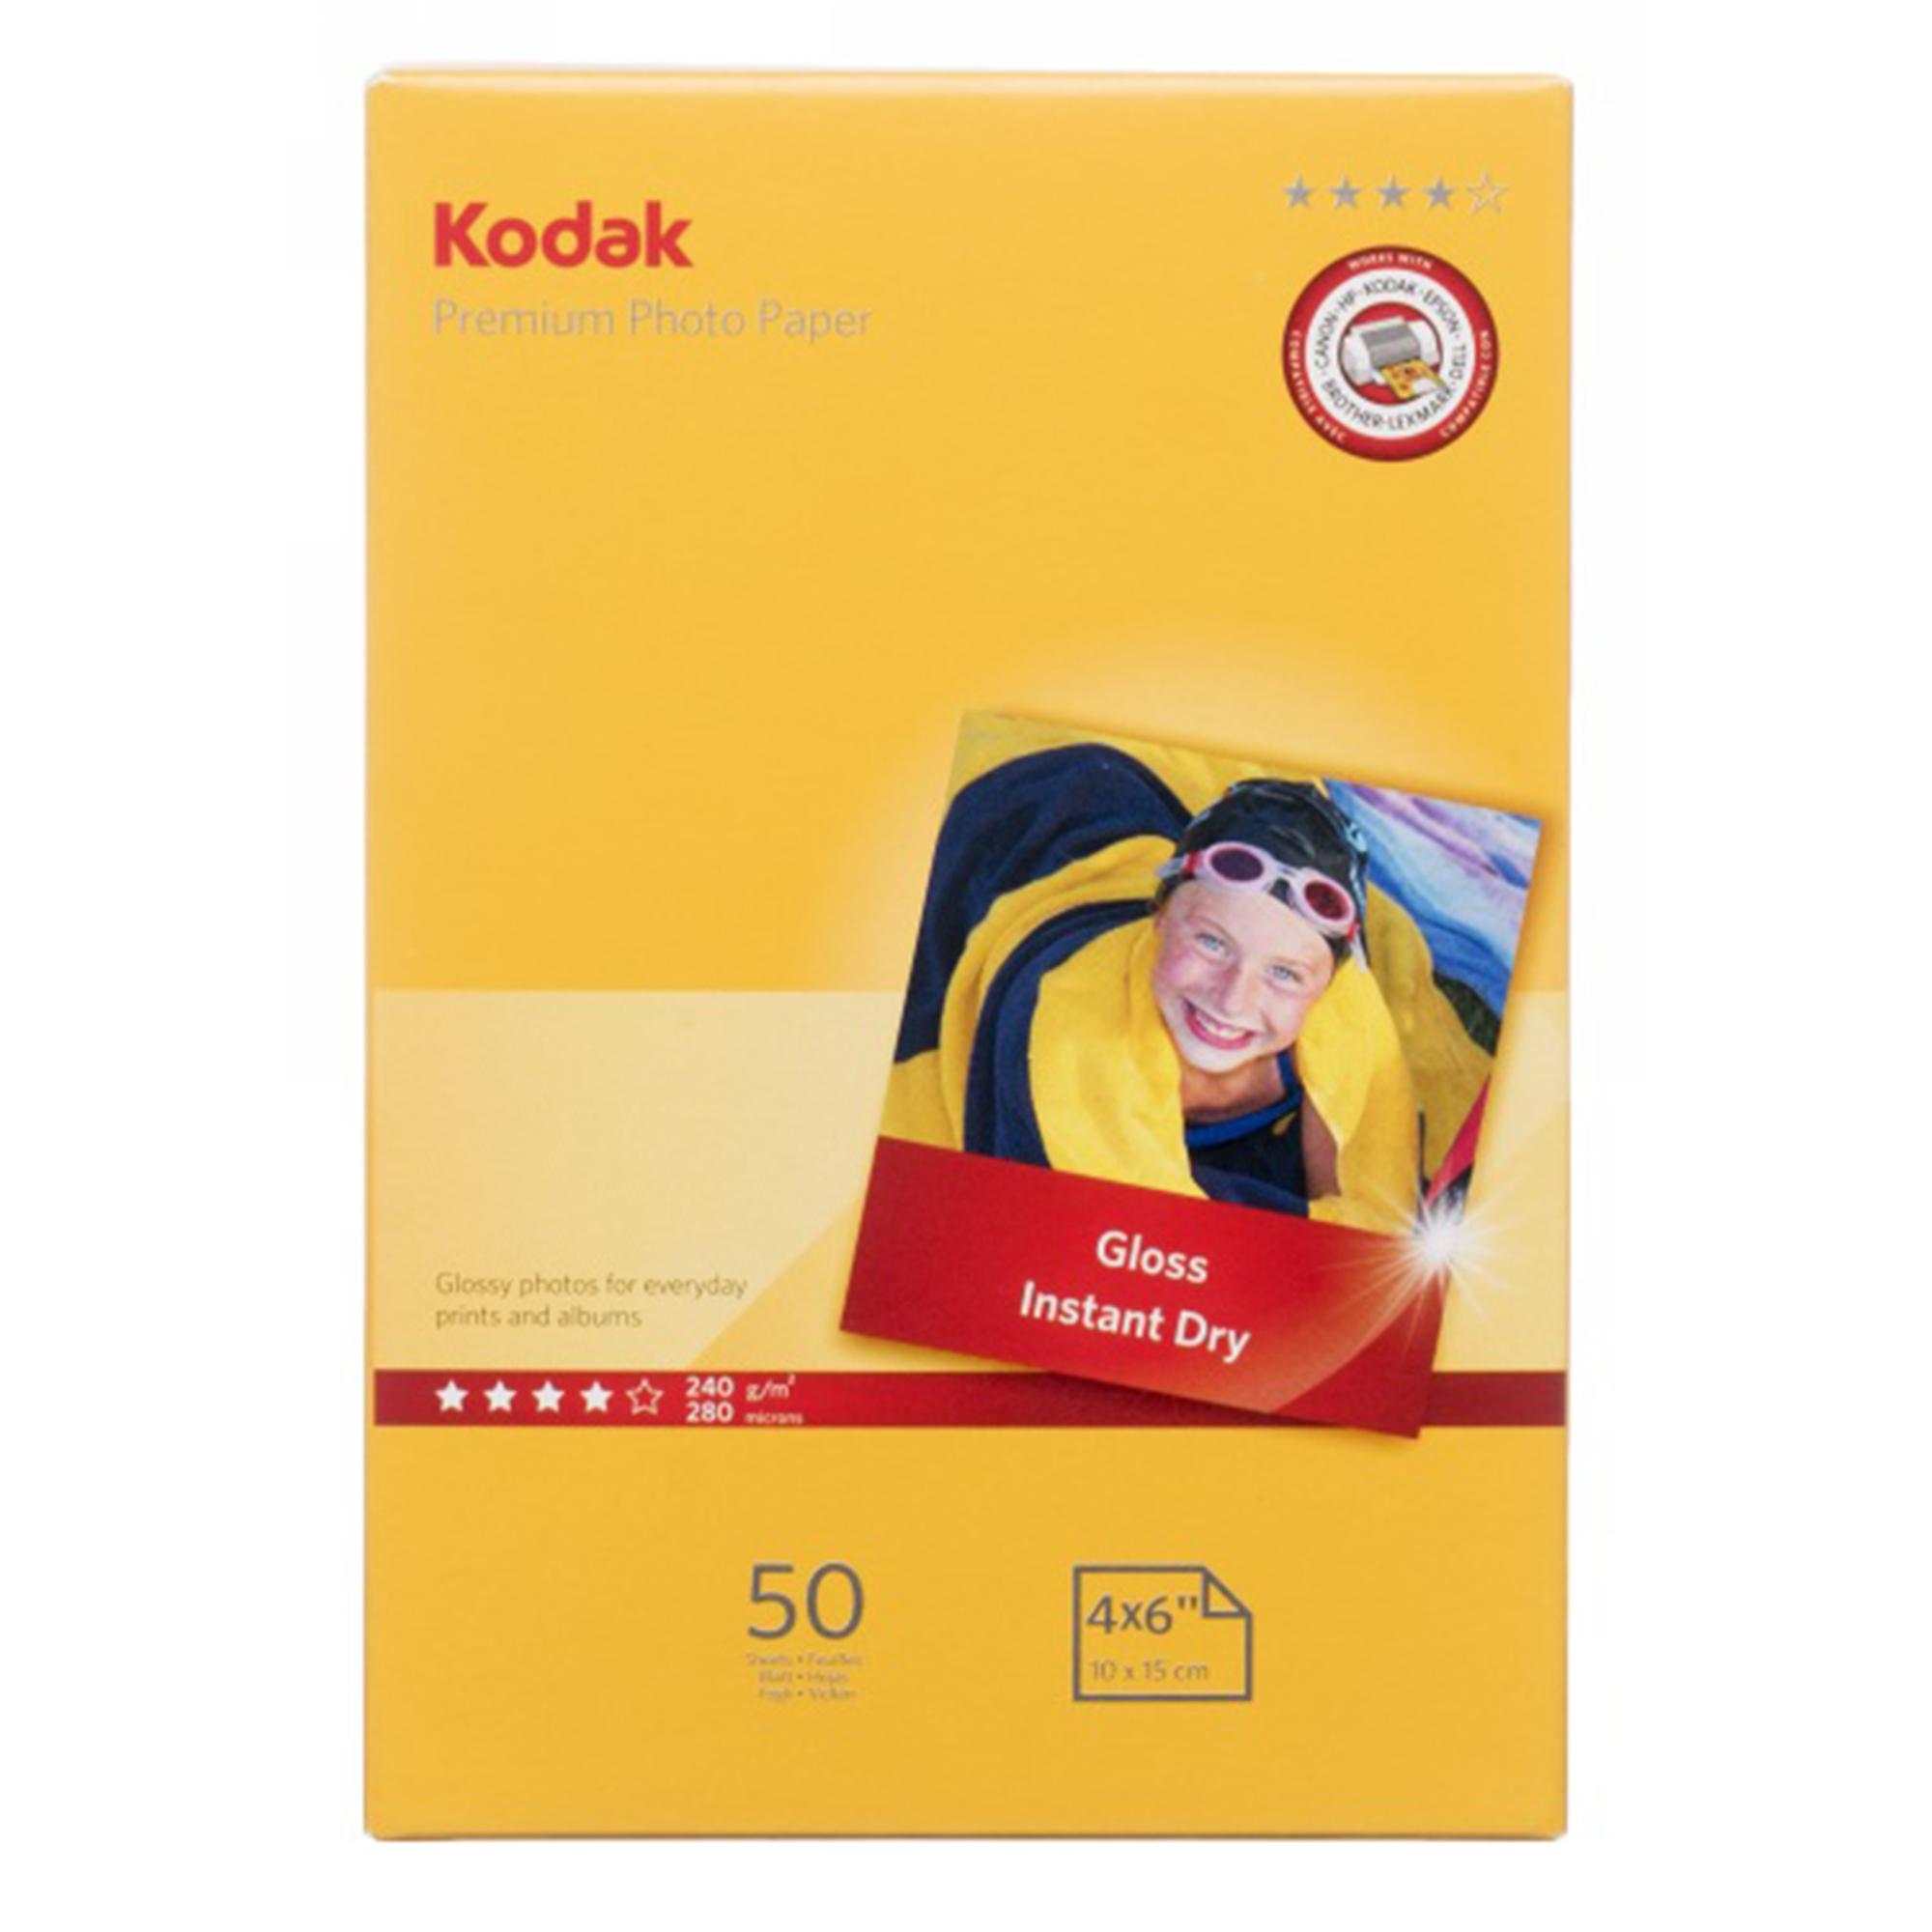 Kodak 6 x 4 (15 x 10cm) Gloss Premium Photo Paper 50 Sheets